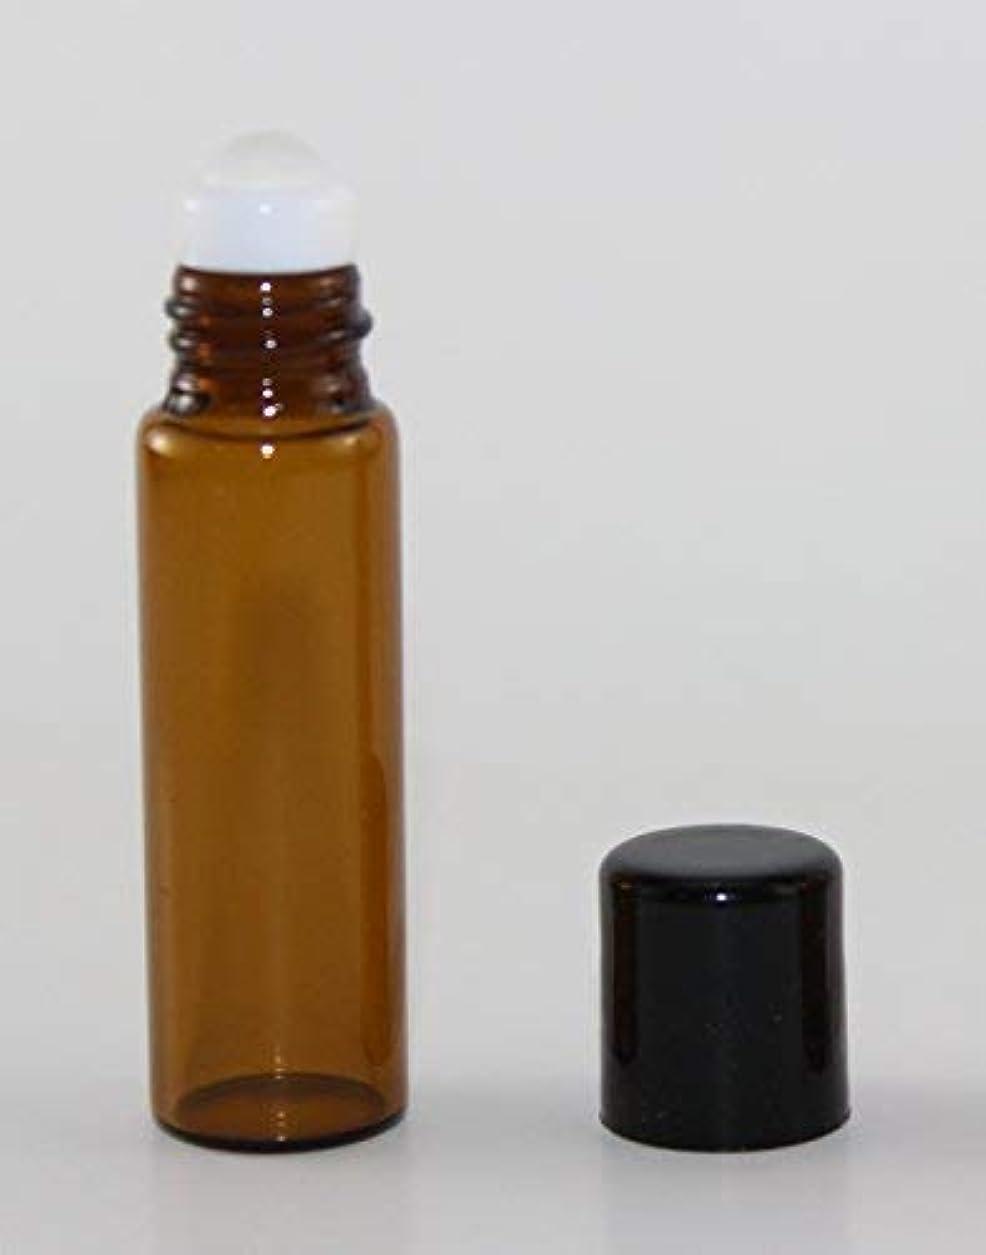 安定和らげる叫び声USA 72 Amber Glass 5 ml Roll-On Glass Bottles with GLASS Roller Roll On Balls - Refillable Aromatherapy Essential...